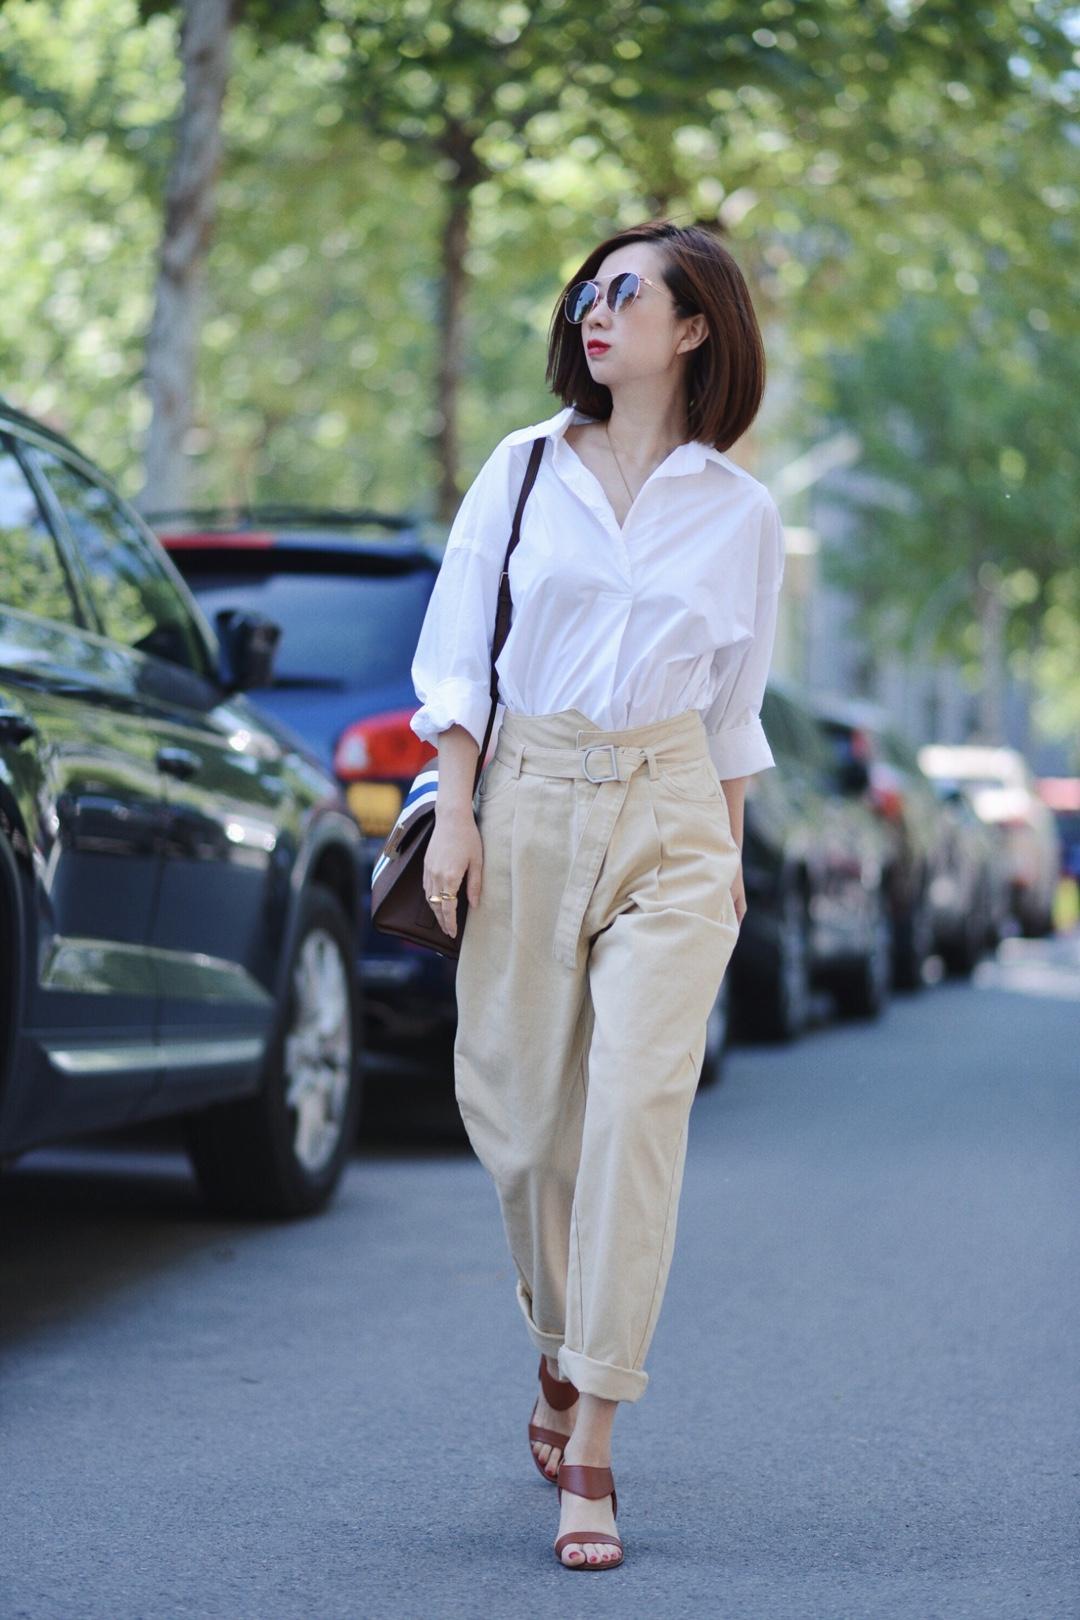 沙漠黄,让白衬衫有了秋的味道~ #秋装上新穿搭打卡#